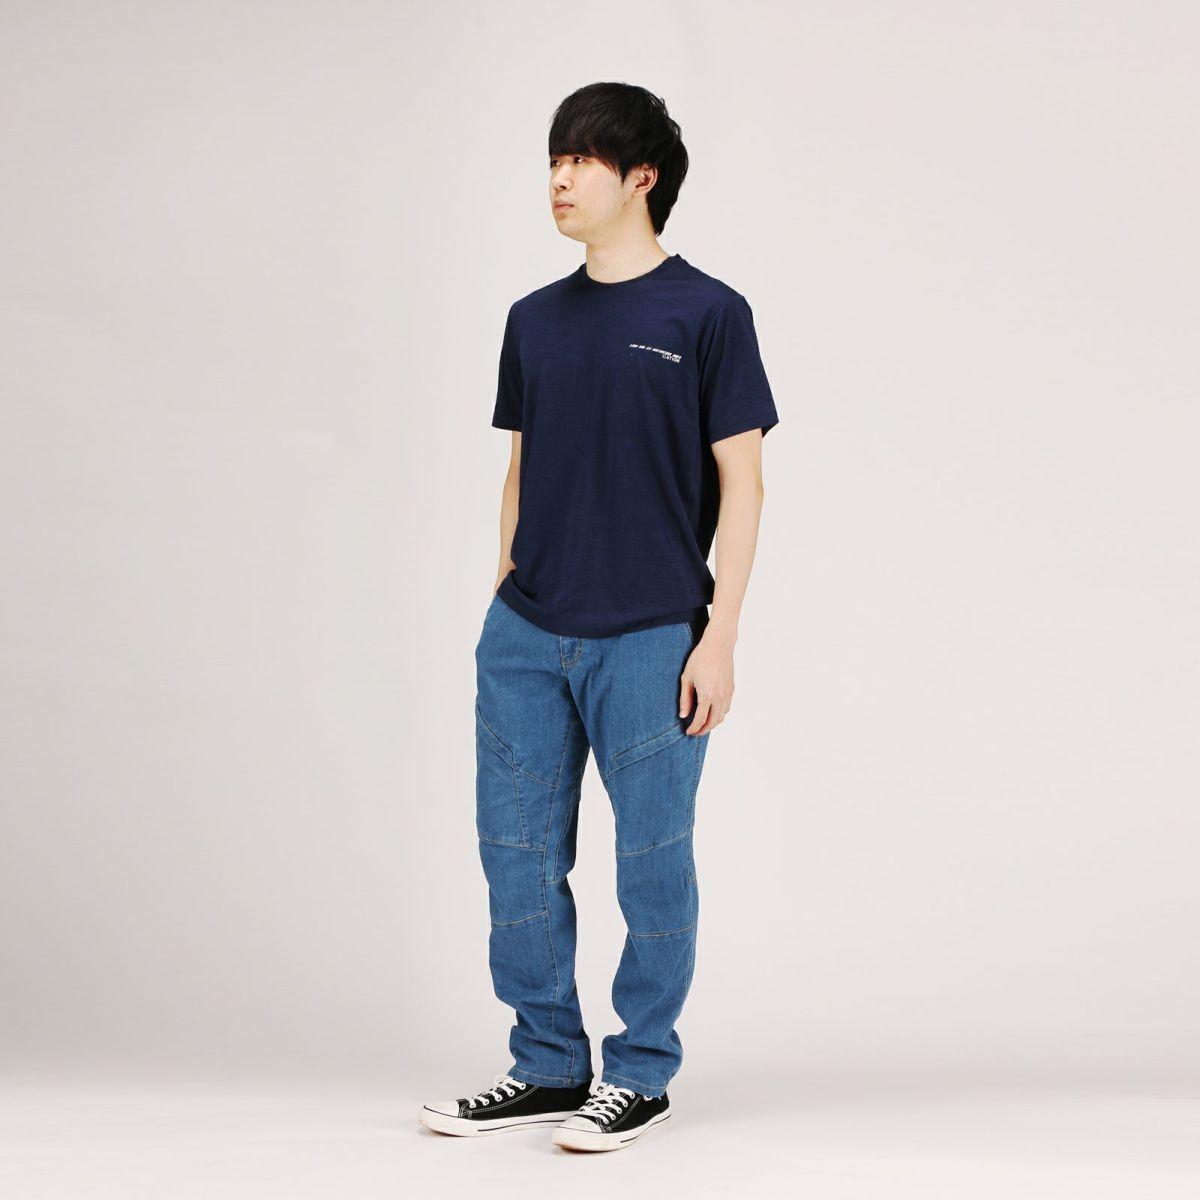 着用イメージ06 [男性モデルのサイズ]身長:168cm 着用サイズ:Lサイズ